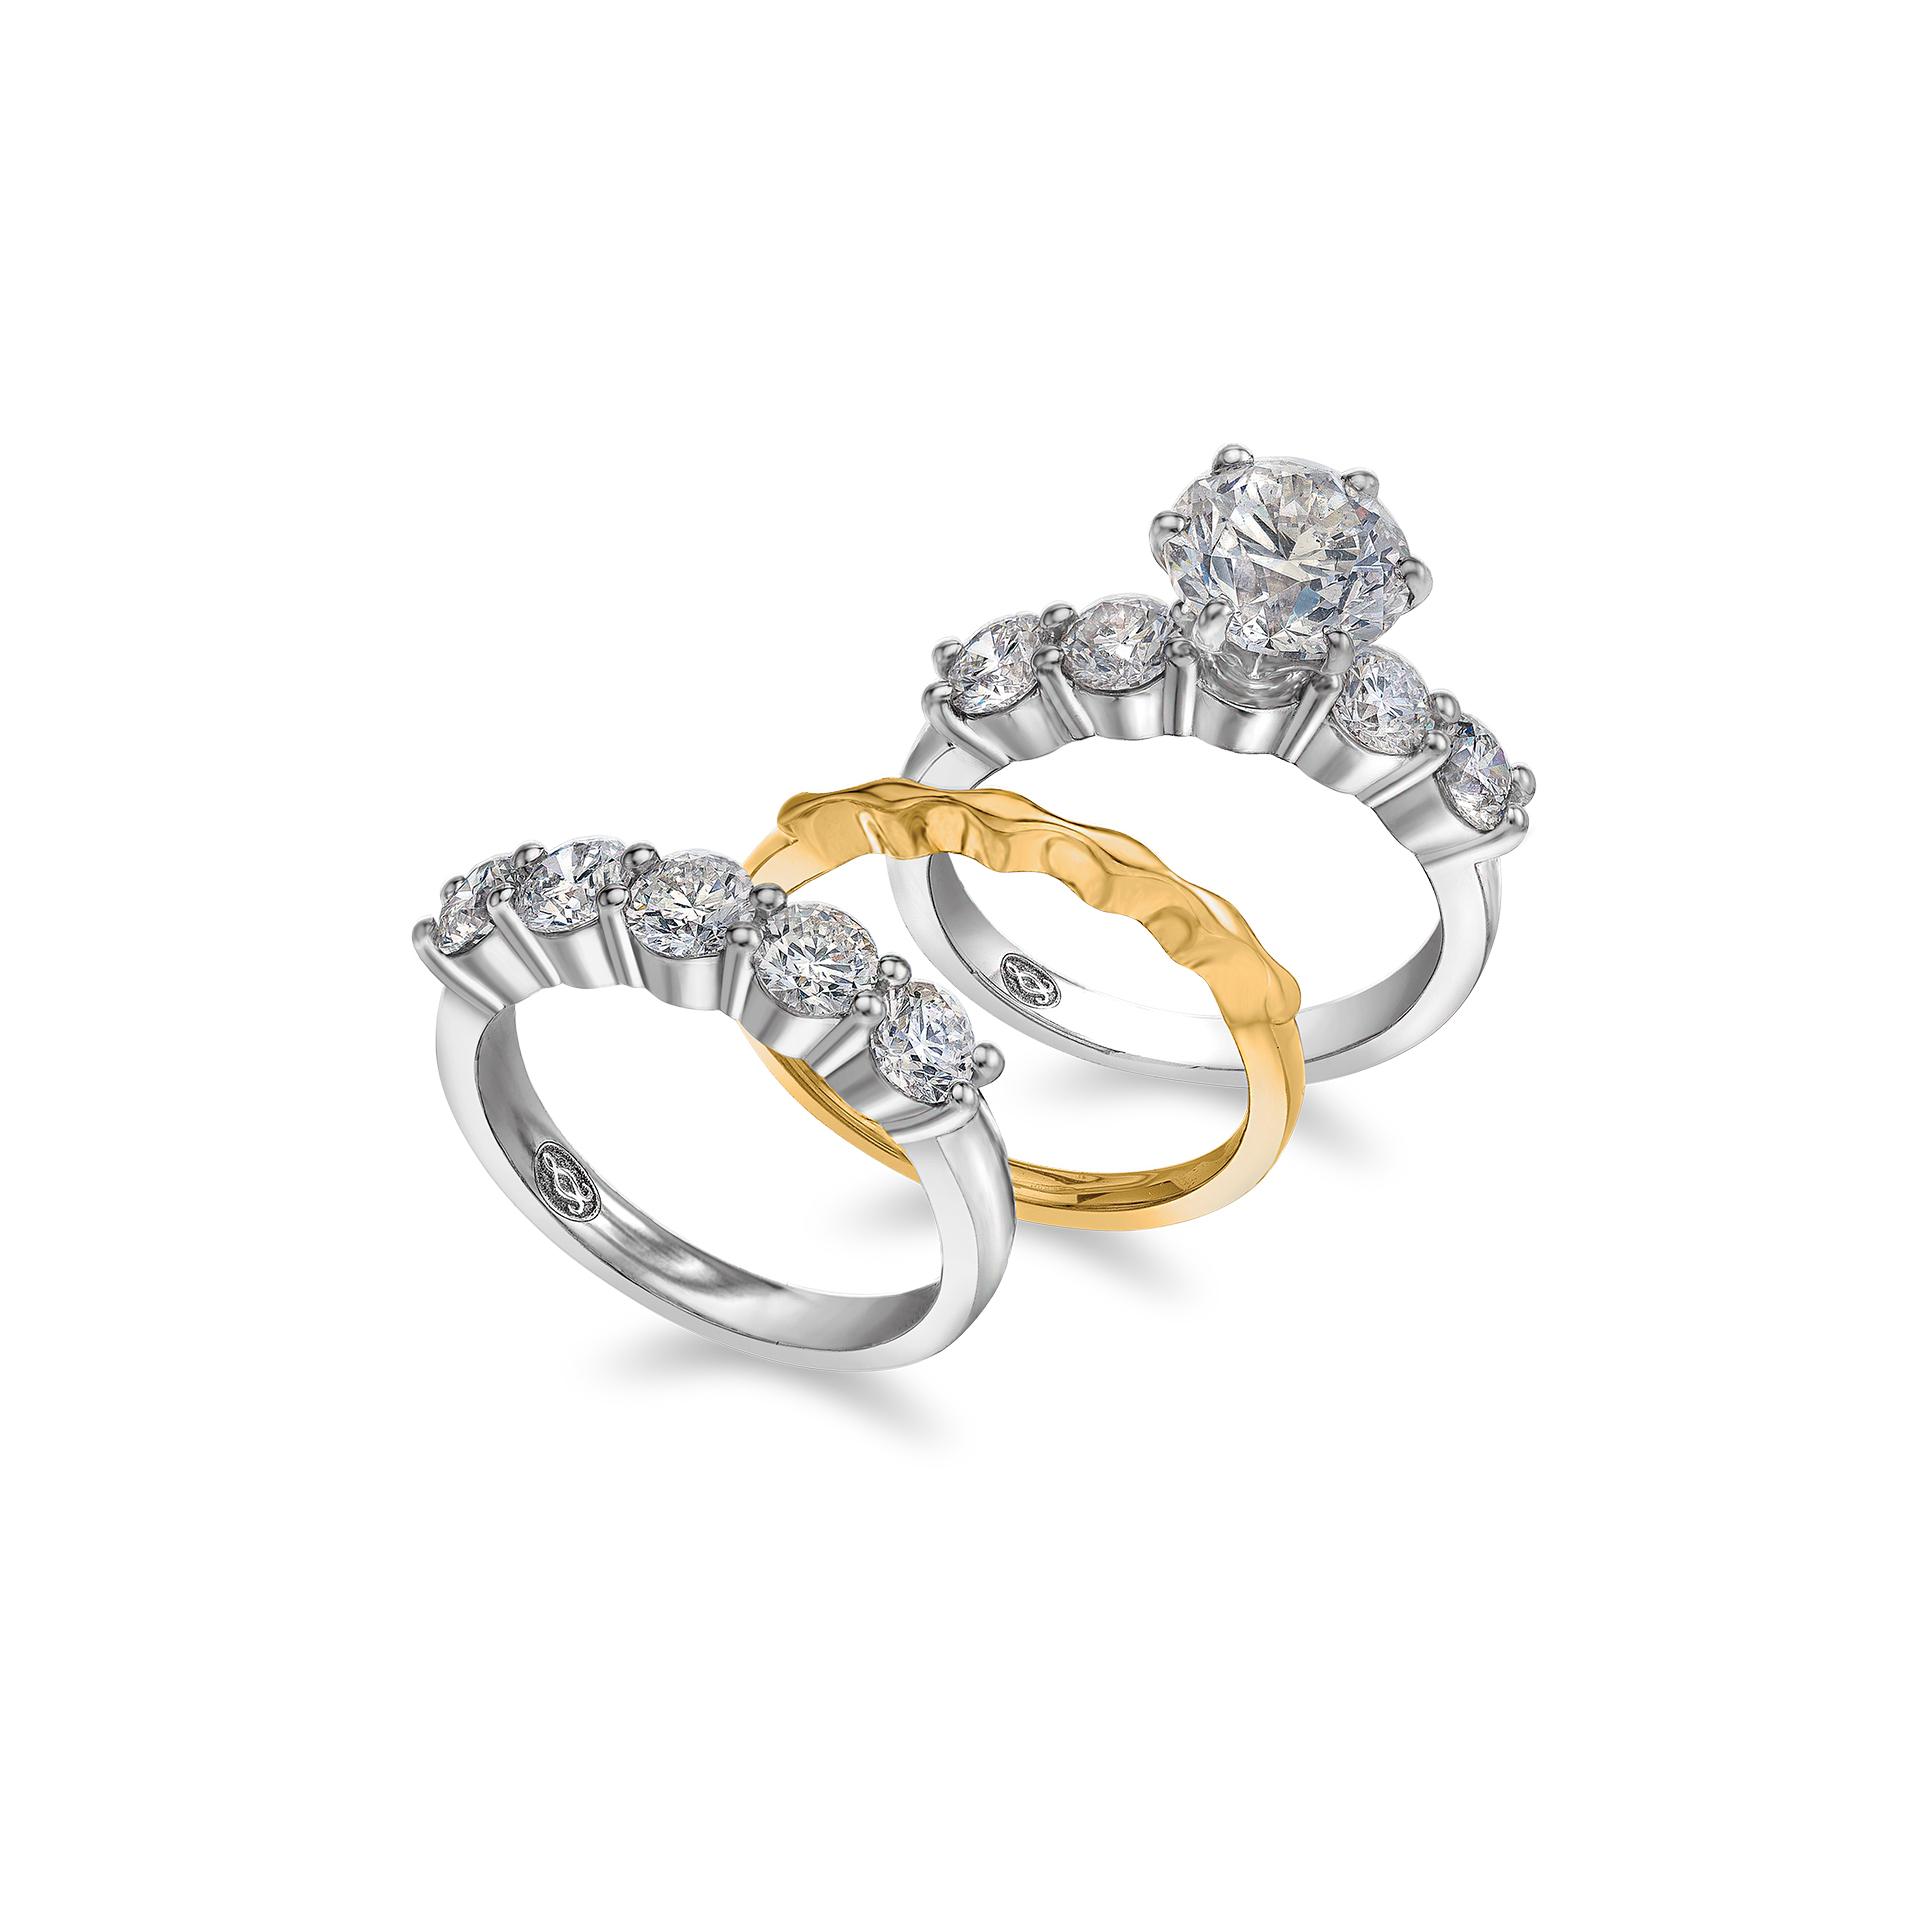 اسلوب عصري لخاتم الزواج مطعم بالماس ومصمم من الذهب الابيض والاصفر